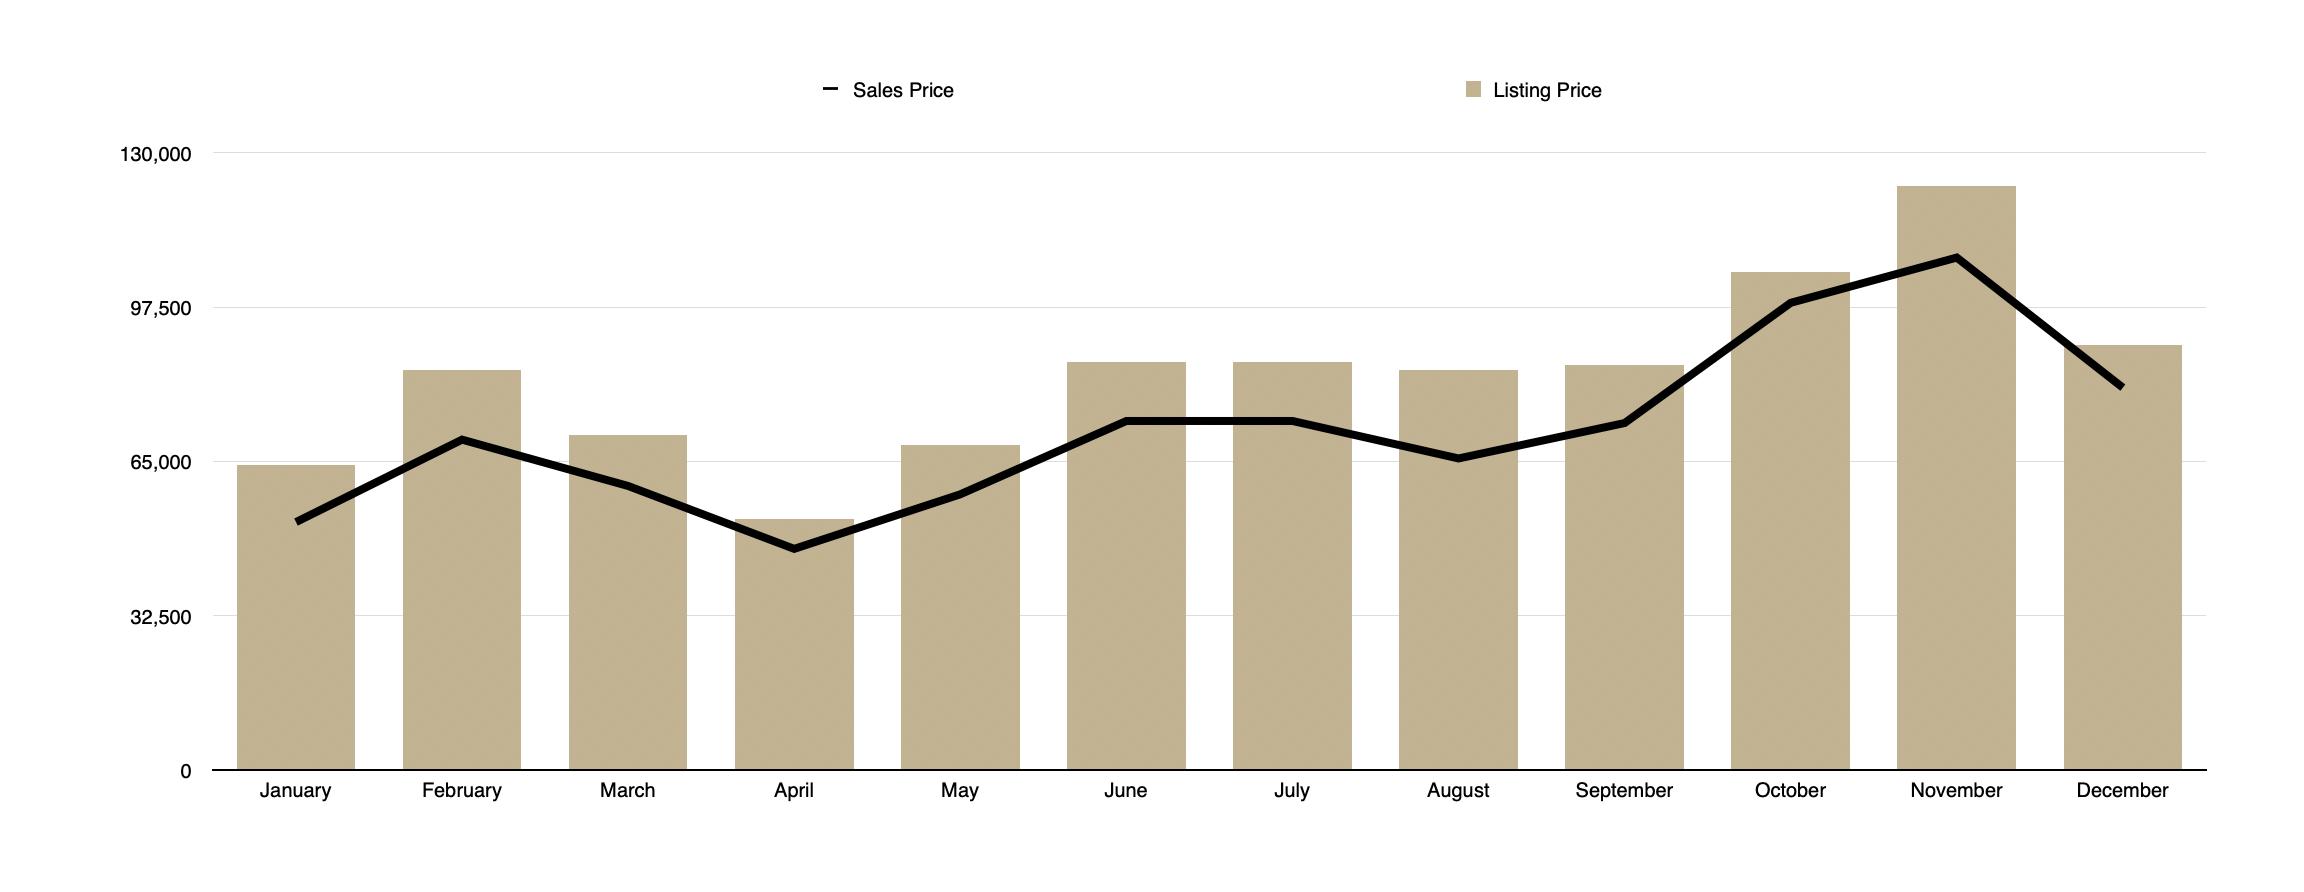 Land - Sales Price vs Listing Price